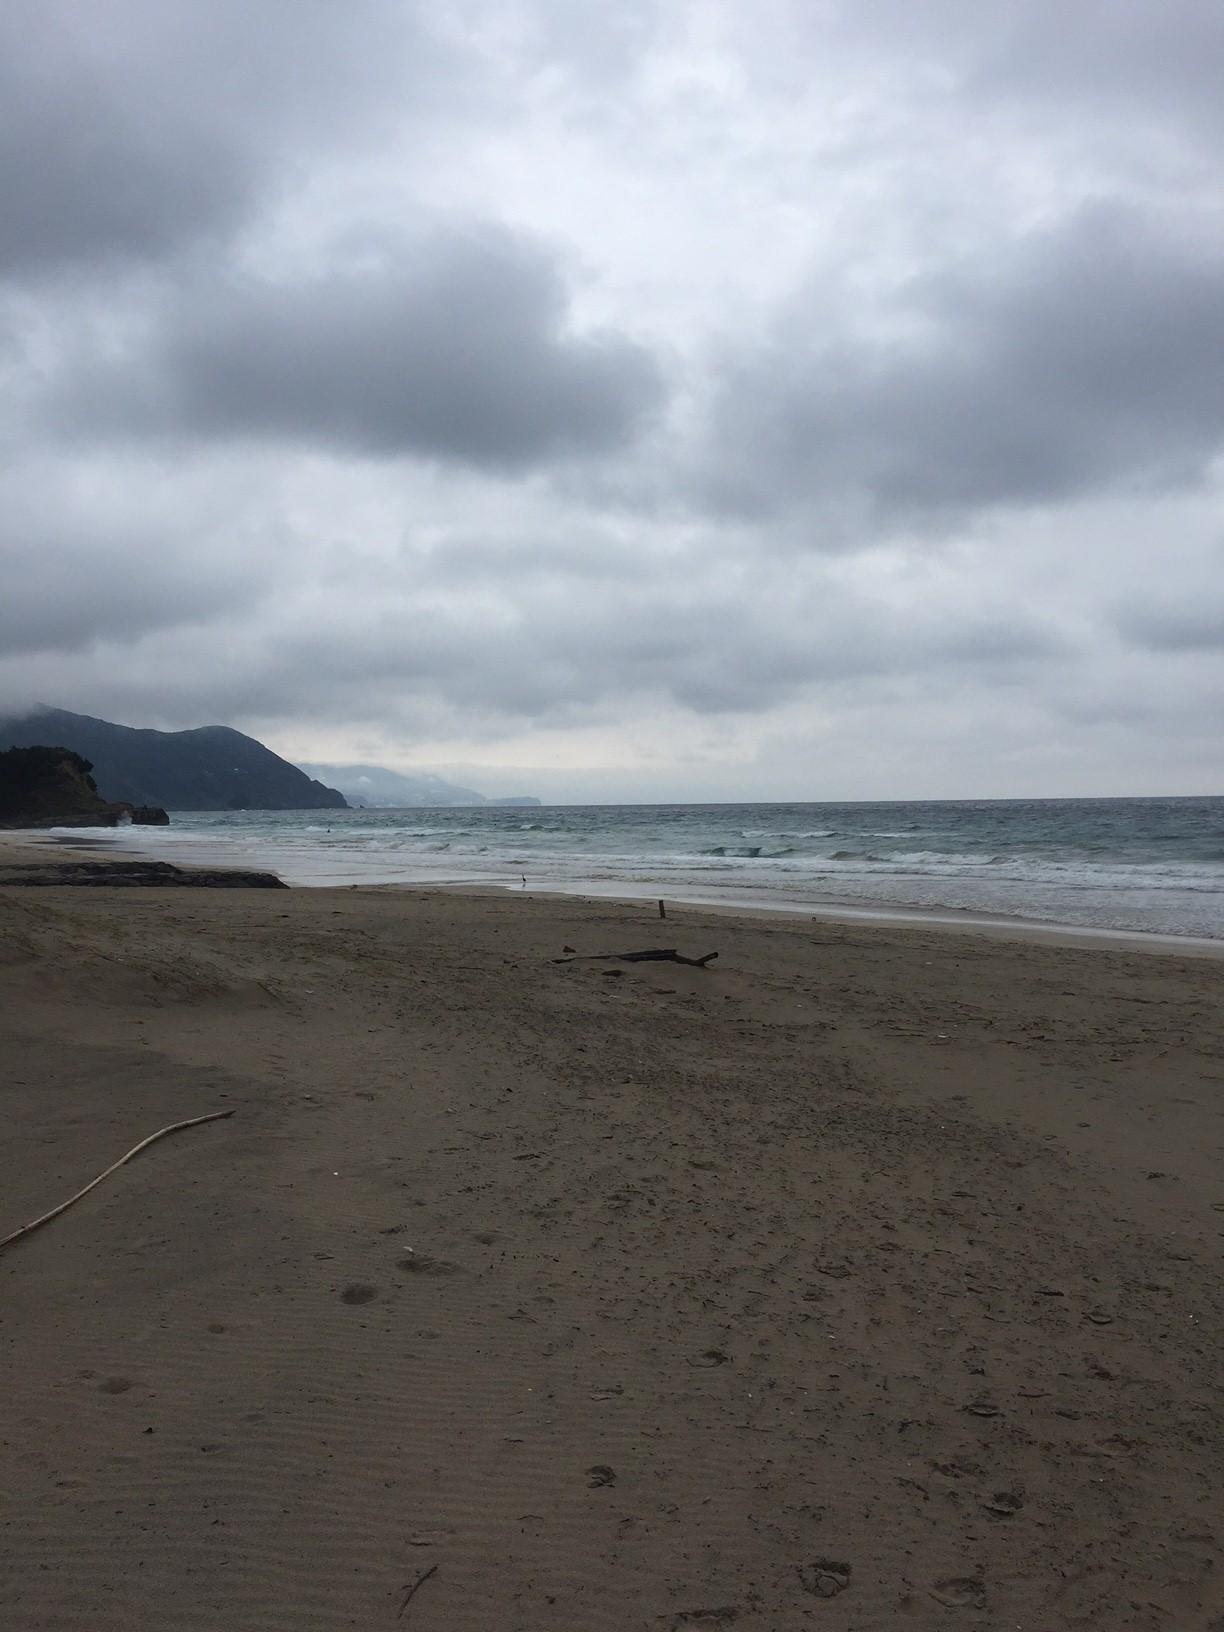 【サーフィン】伊豆白浜で波乗り!脇腹が痛くなったよ~怪我に注意!